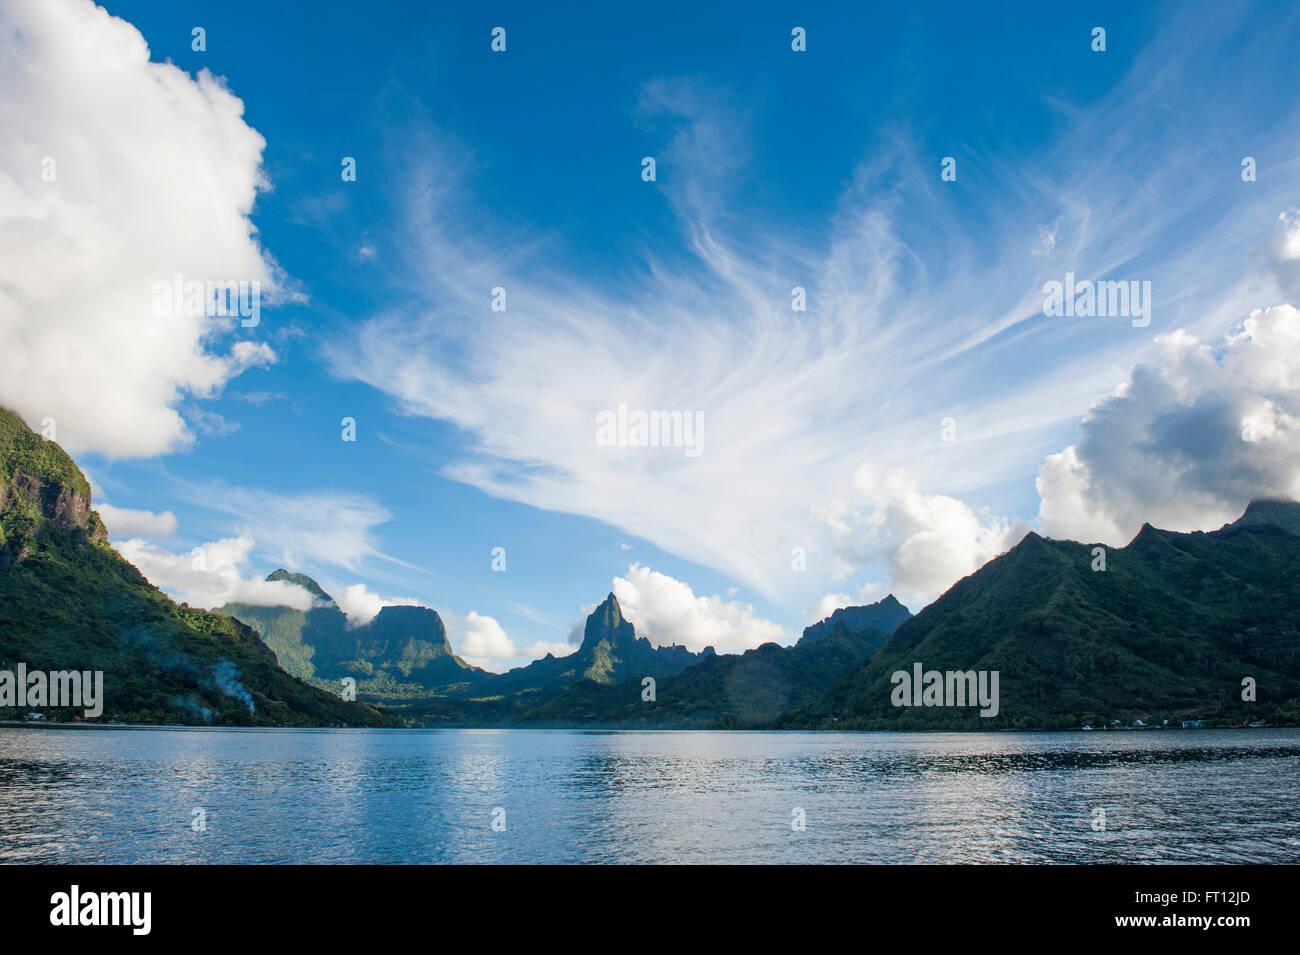 Baie de Cook et Bali Hai Mountain, Moorea, Polynésie Française, Pacifique Sud Photo Stock